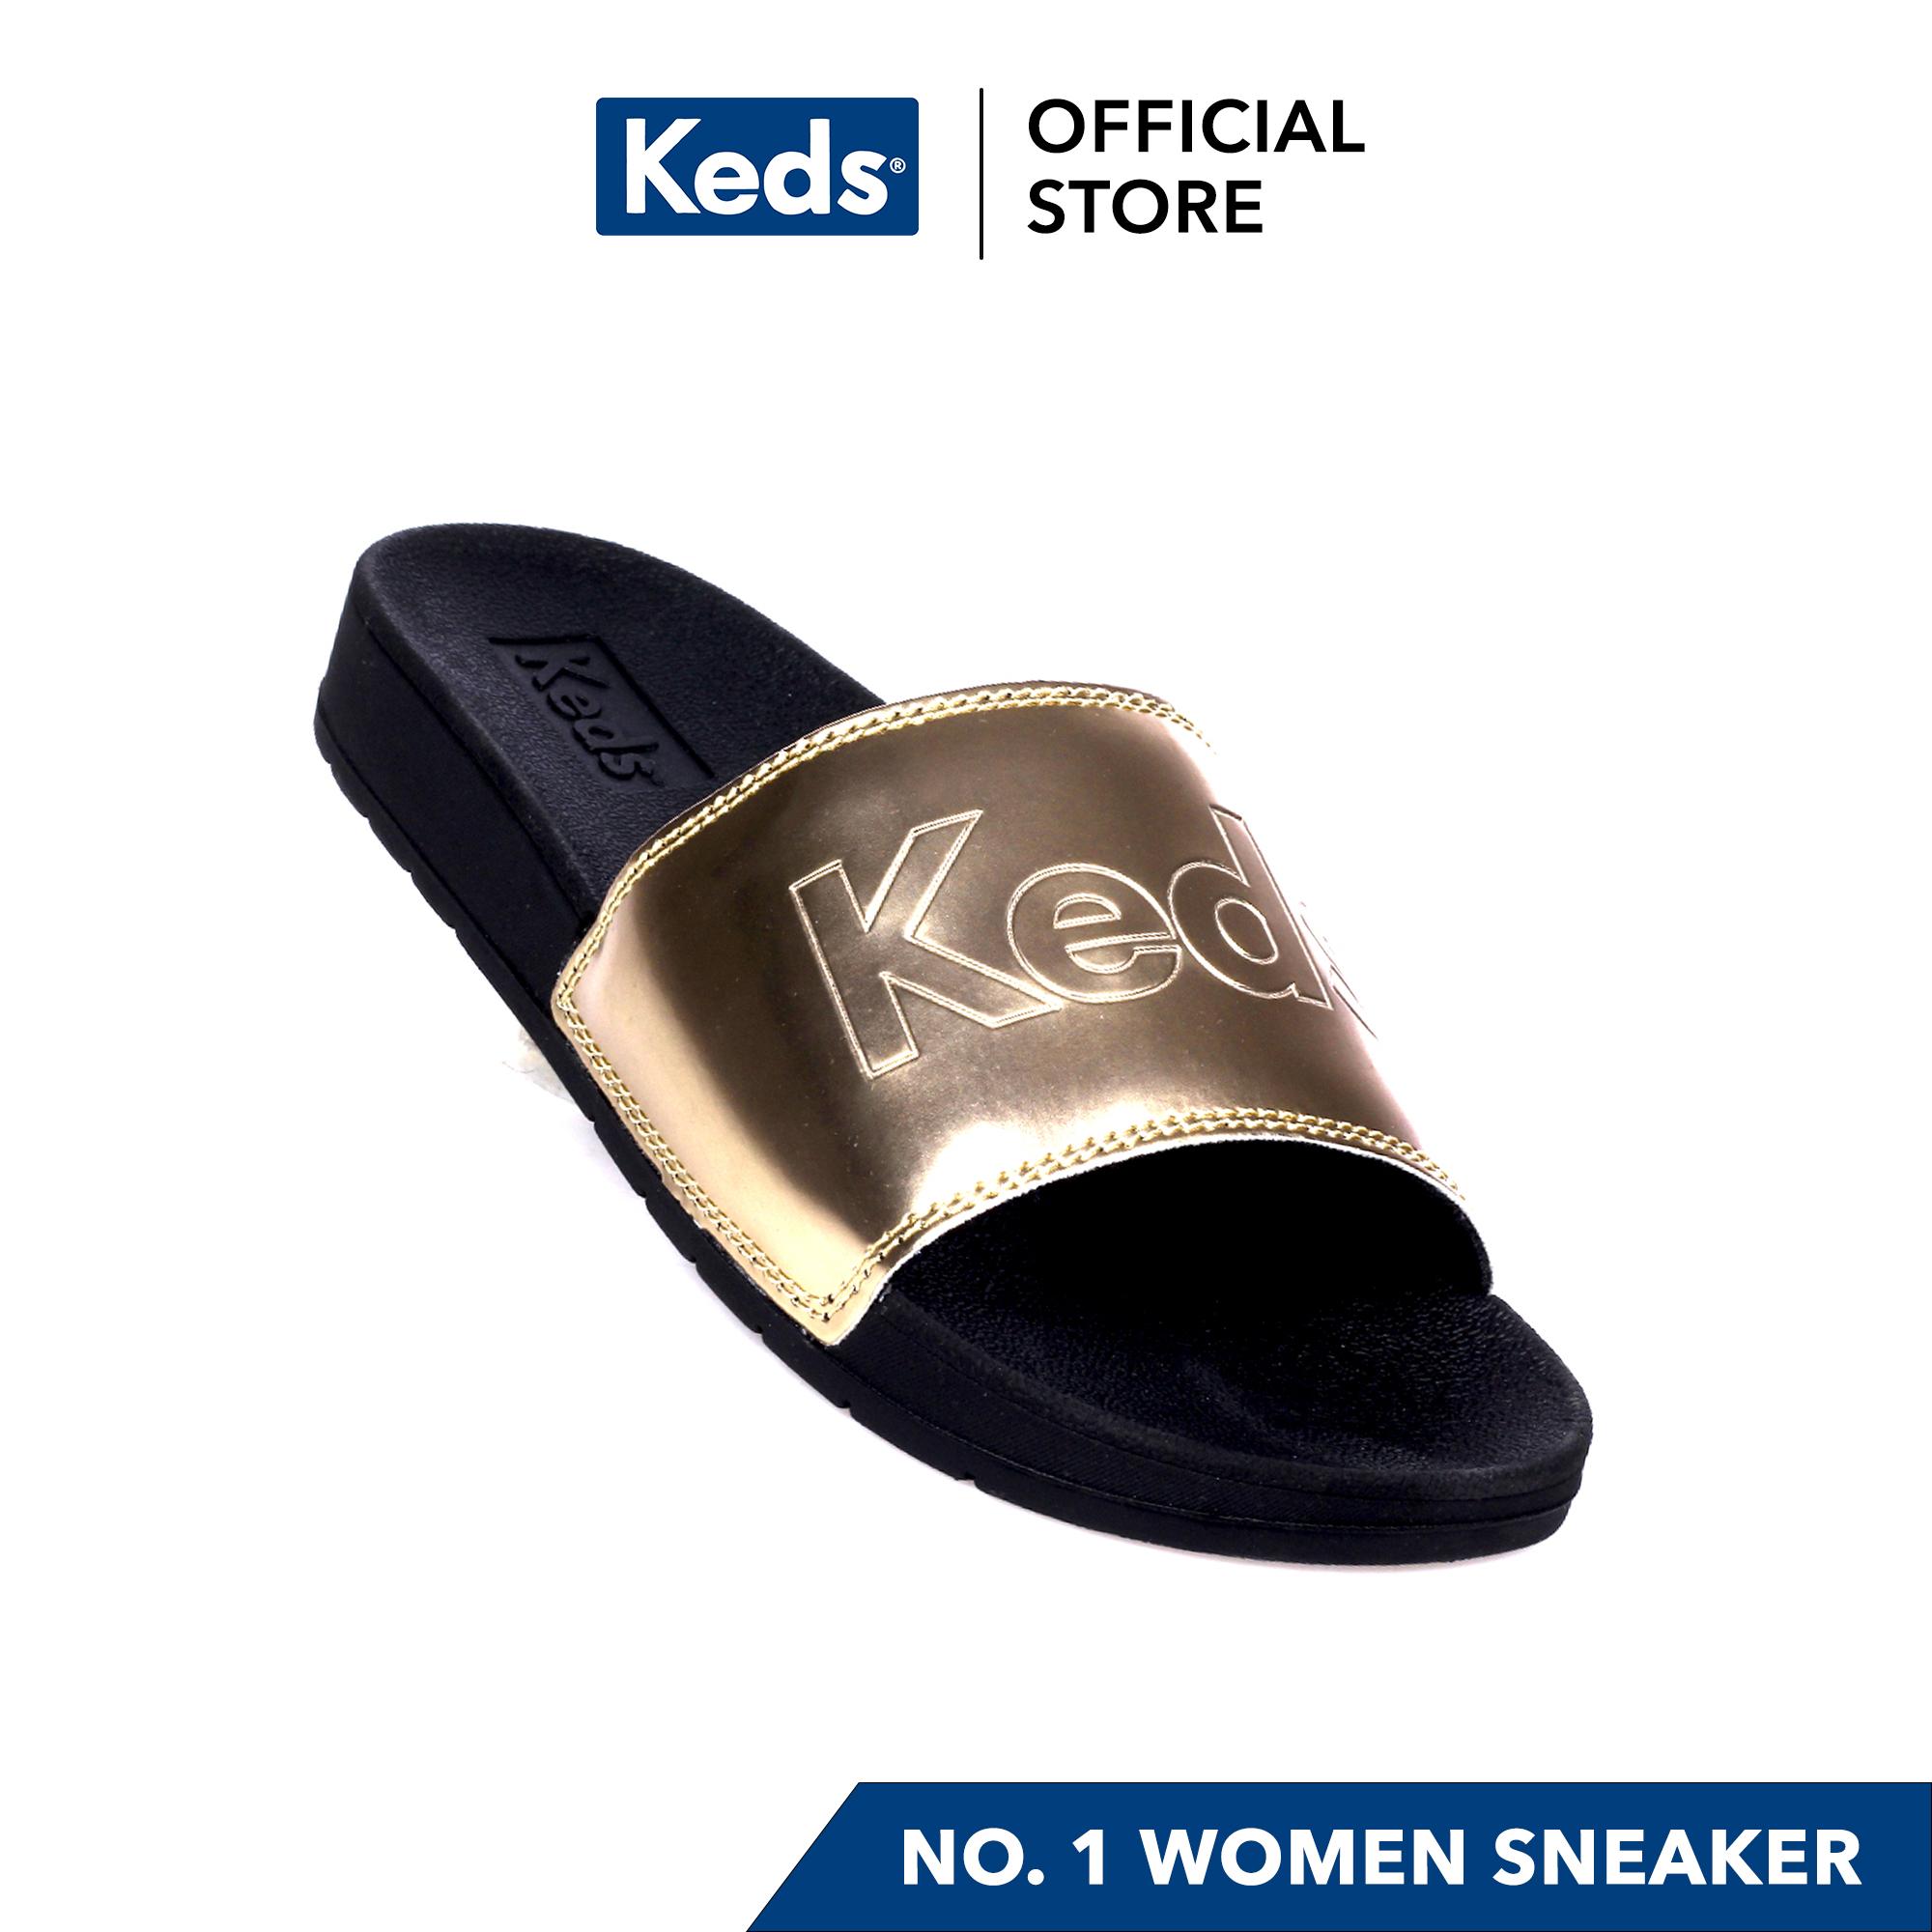 Keds Bliss II Sandal (Black/Rose Gold